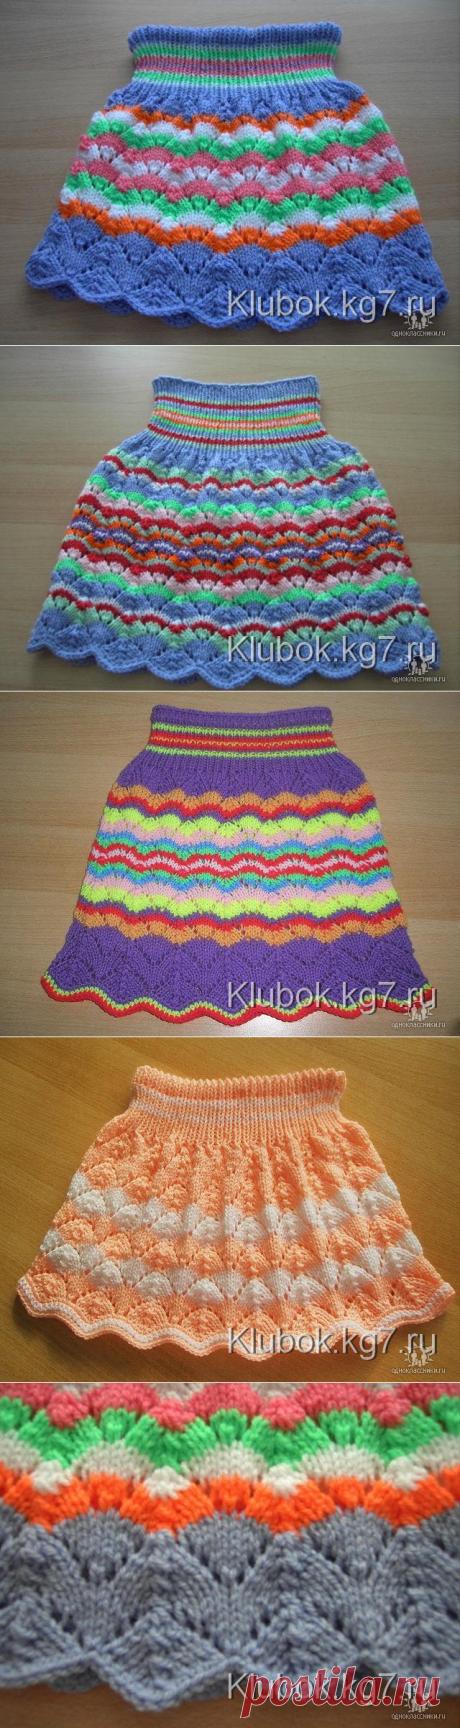 Детские юбочки с от Ирины Вернер (Германия) | Клубок